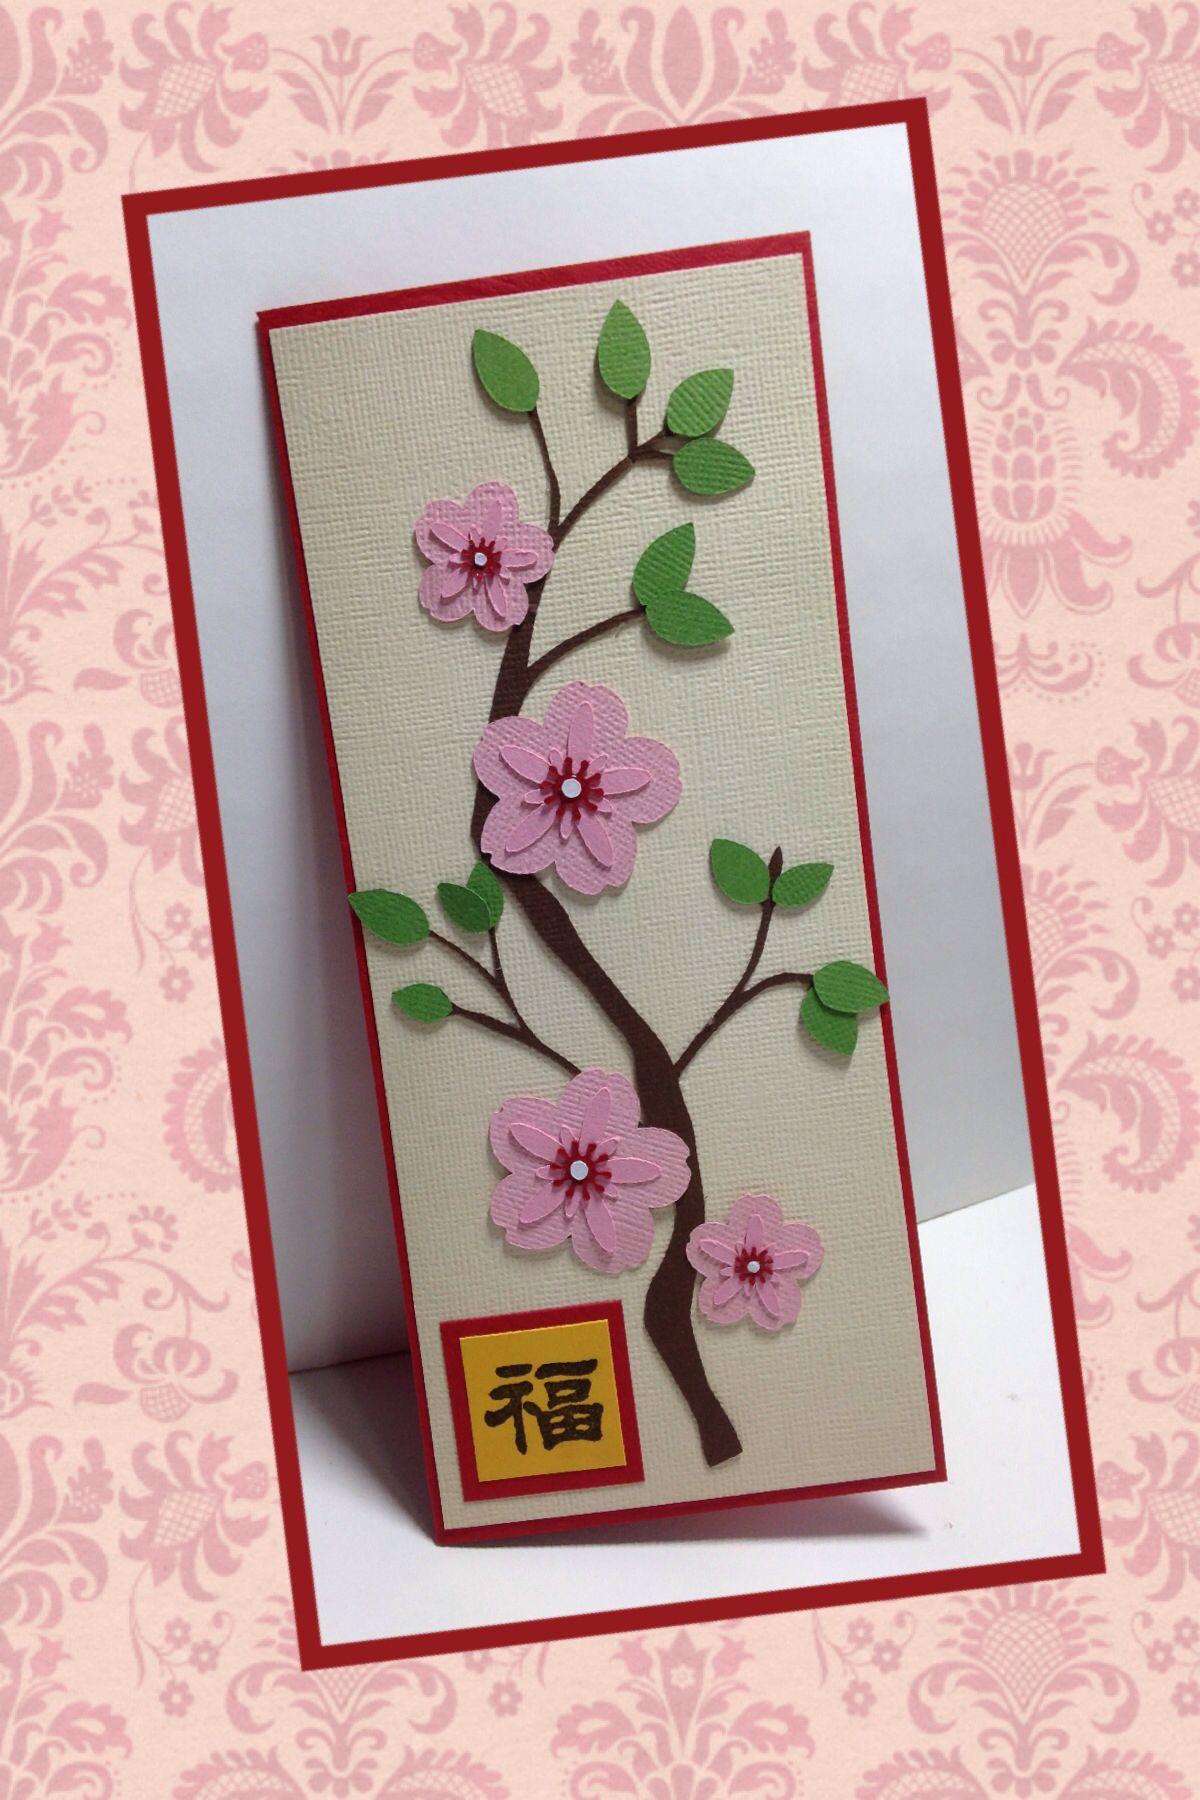 Chinese New Year greeting card Thiệp giấy, Thiệp tự làm